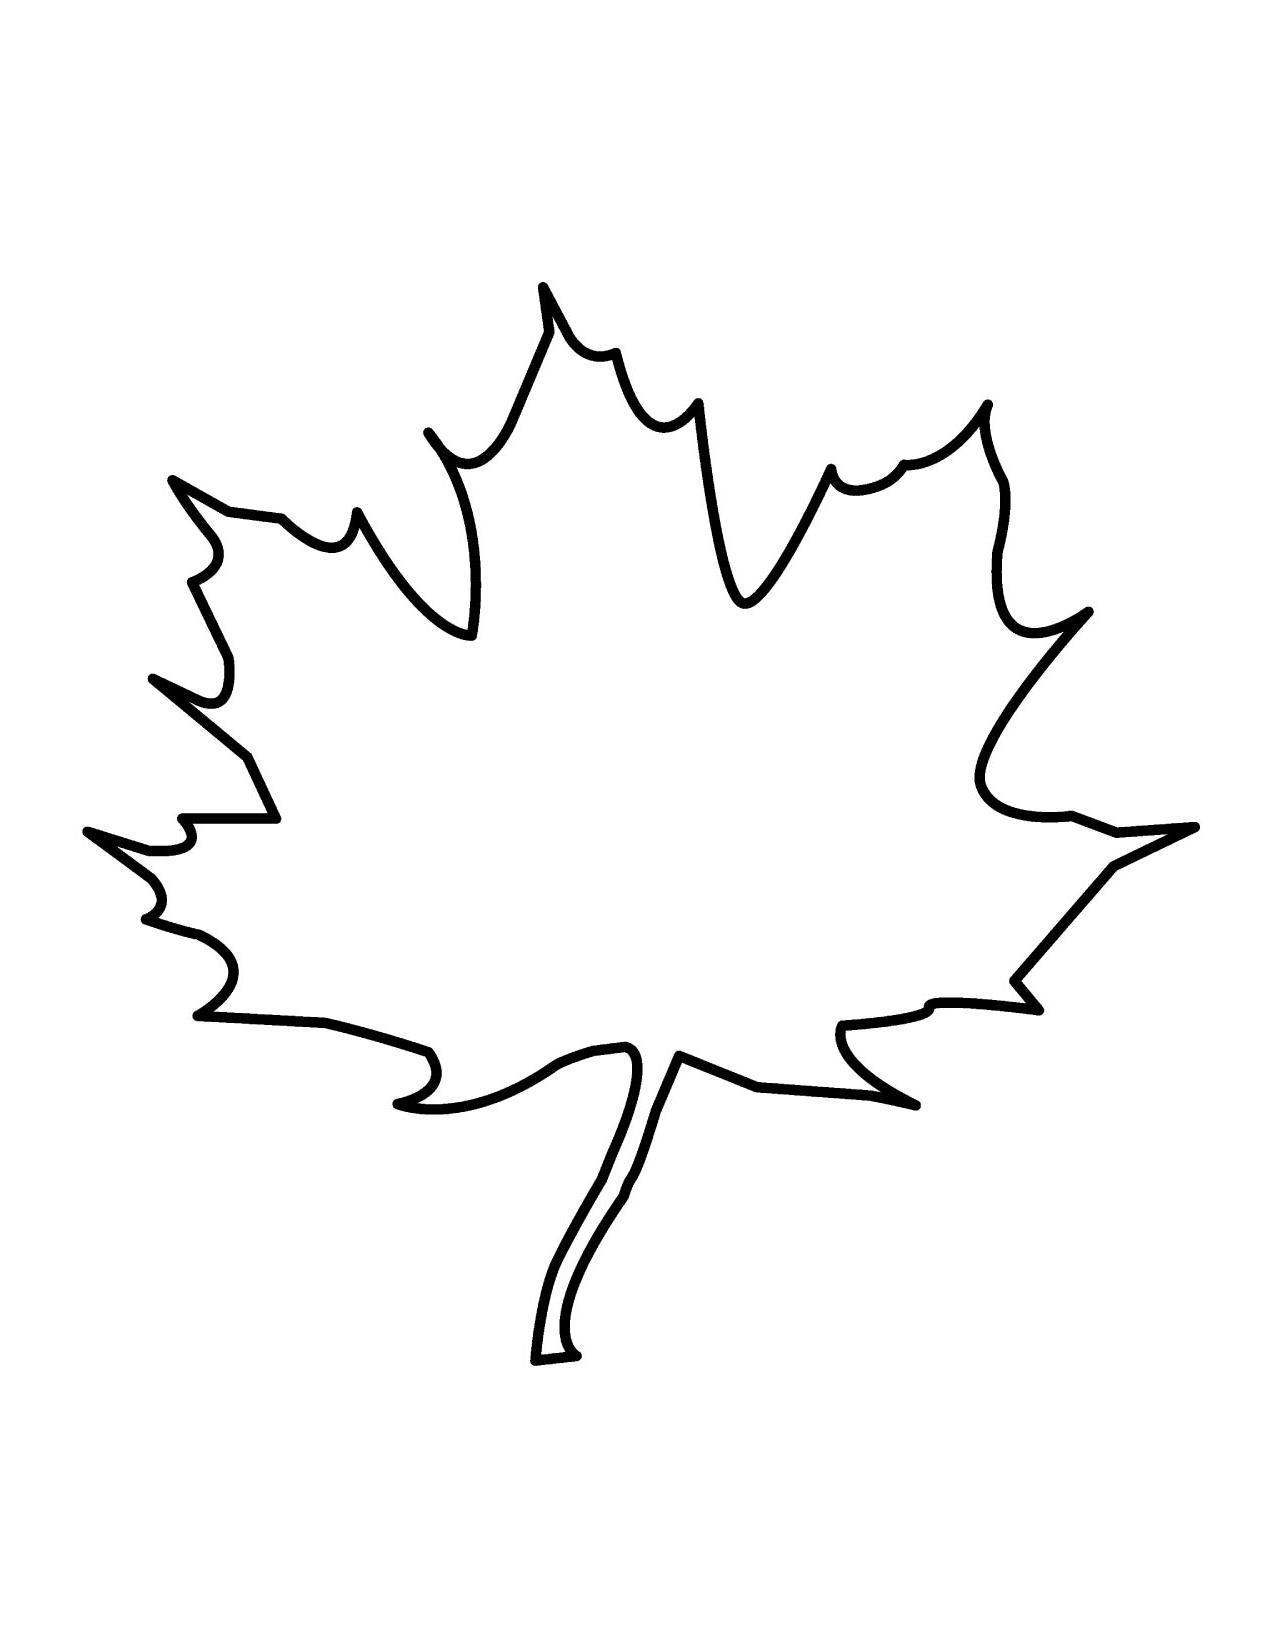 Best Free Leaf Outline Clip Art Image » Free Vector Art.